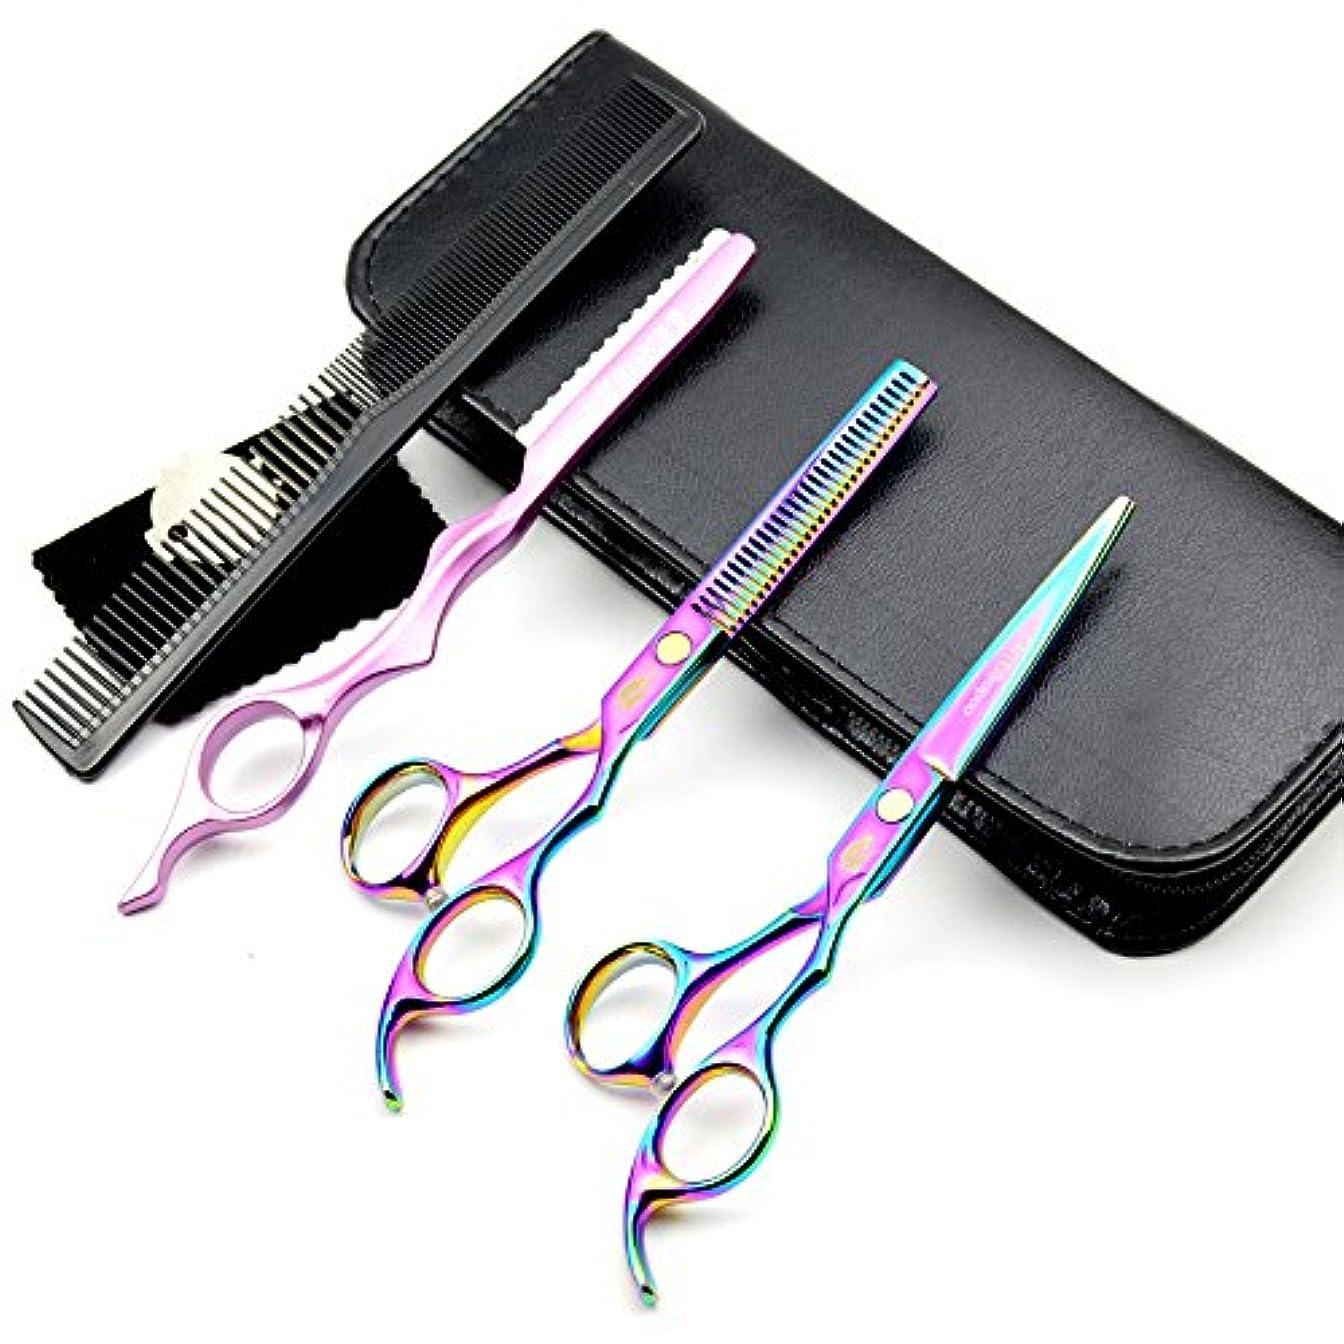 順番ひいきにする床を掃除する[HUNTERrapoo] 6インチ理髪はさみ プロ用 ヘアカット 美容師 理容師 トリマー シザー セット 美容師 トリマー